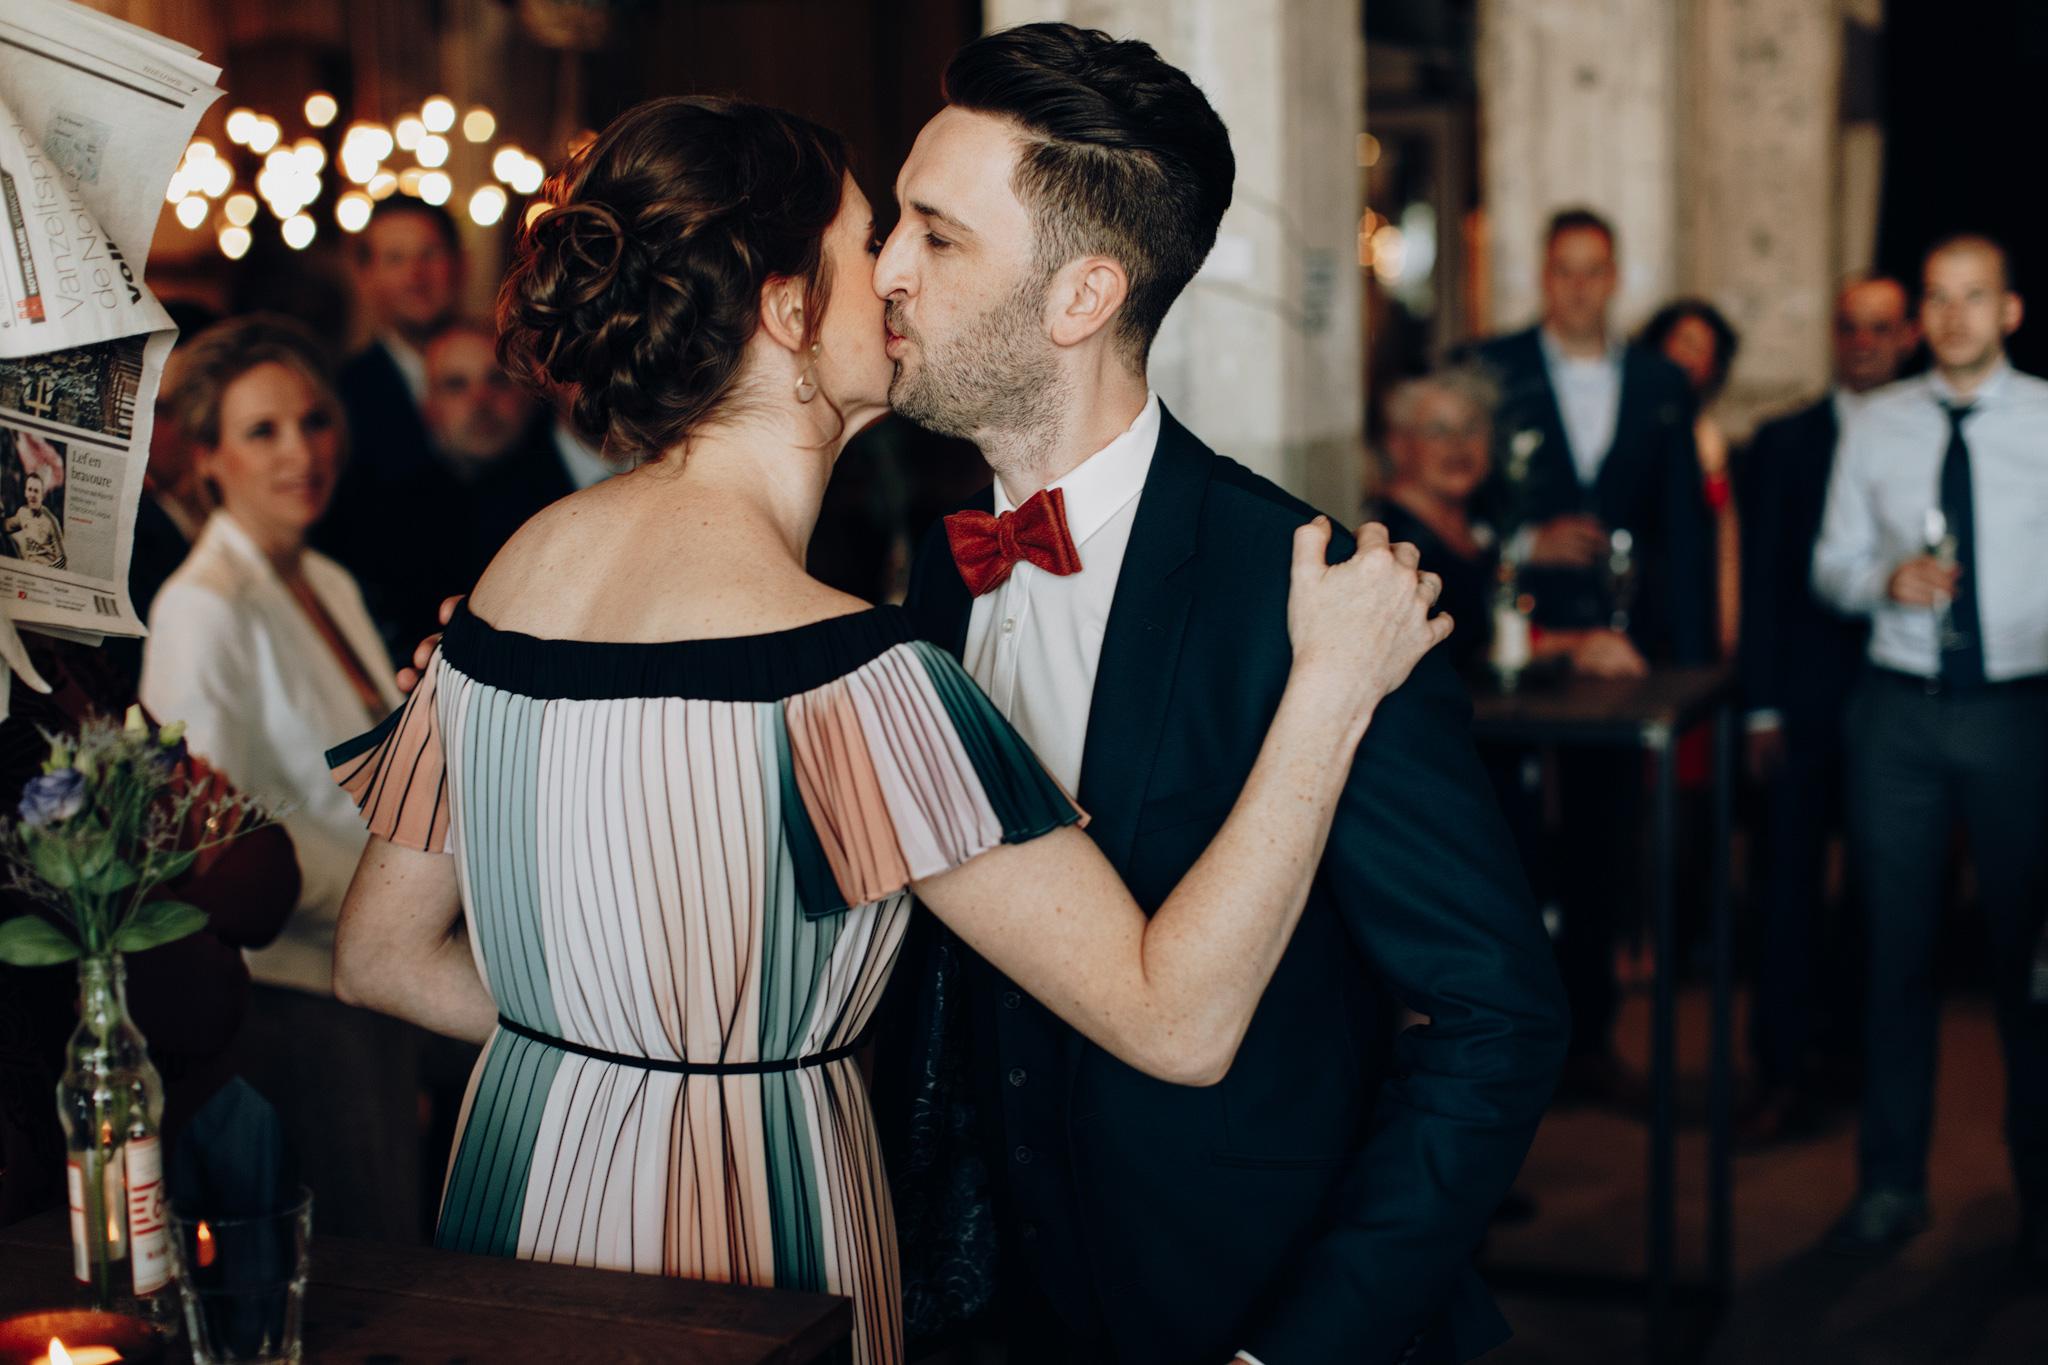 Bruidegom geeft kus aan gast tijdens receptie trouwerij